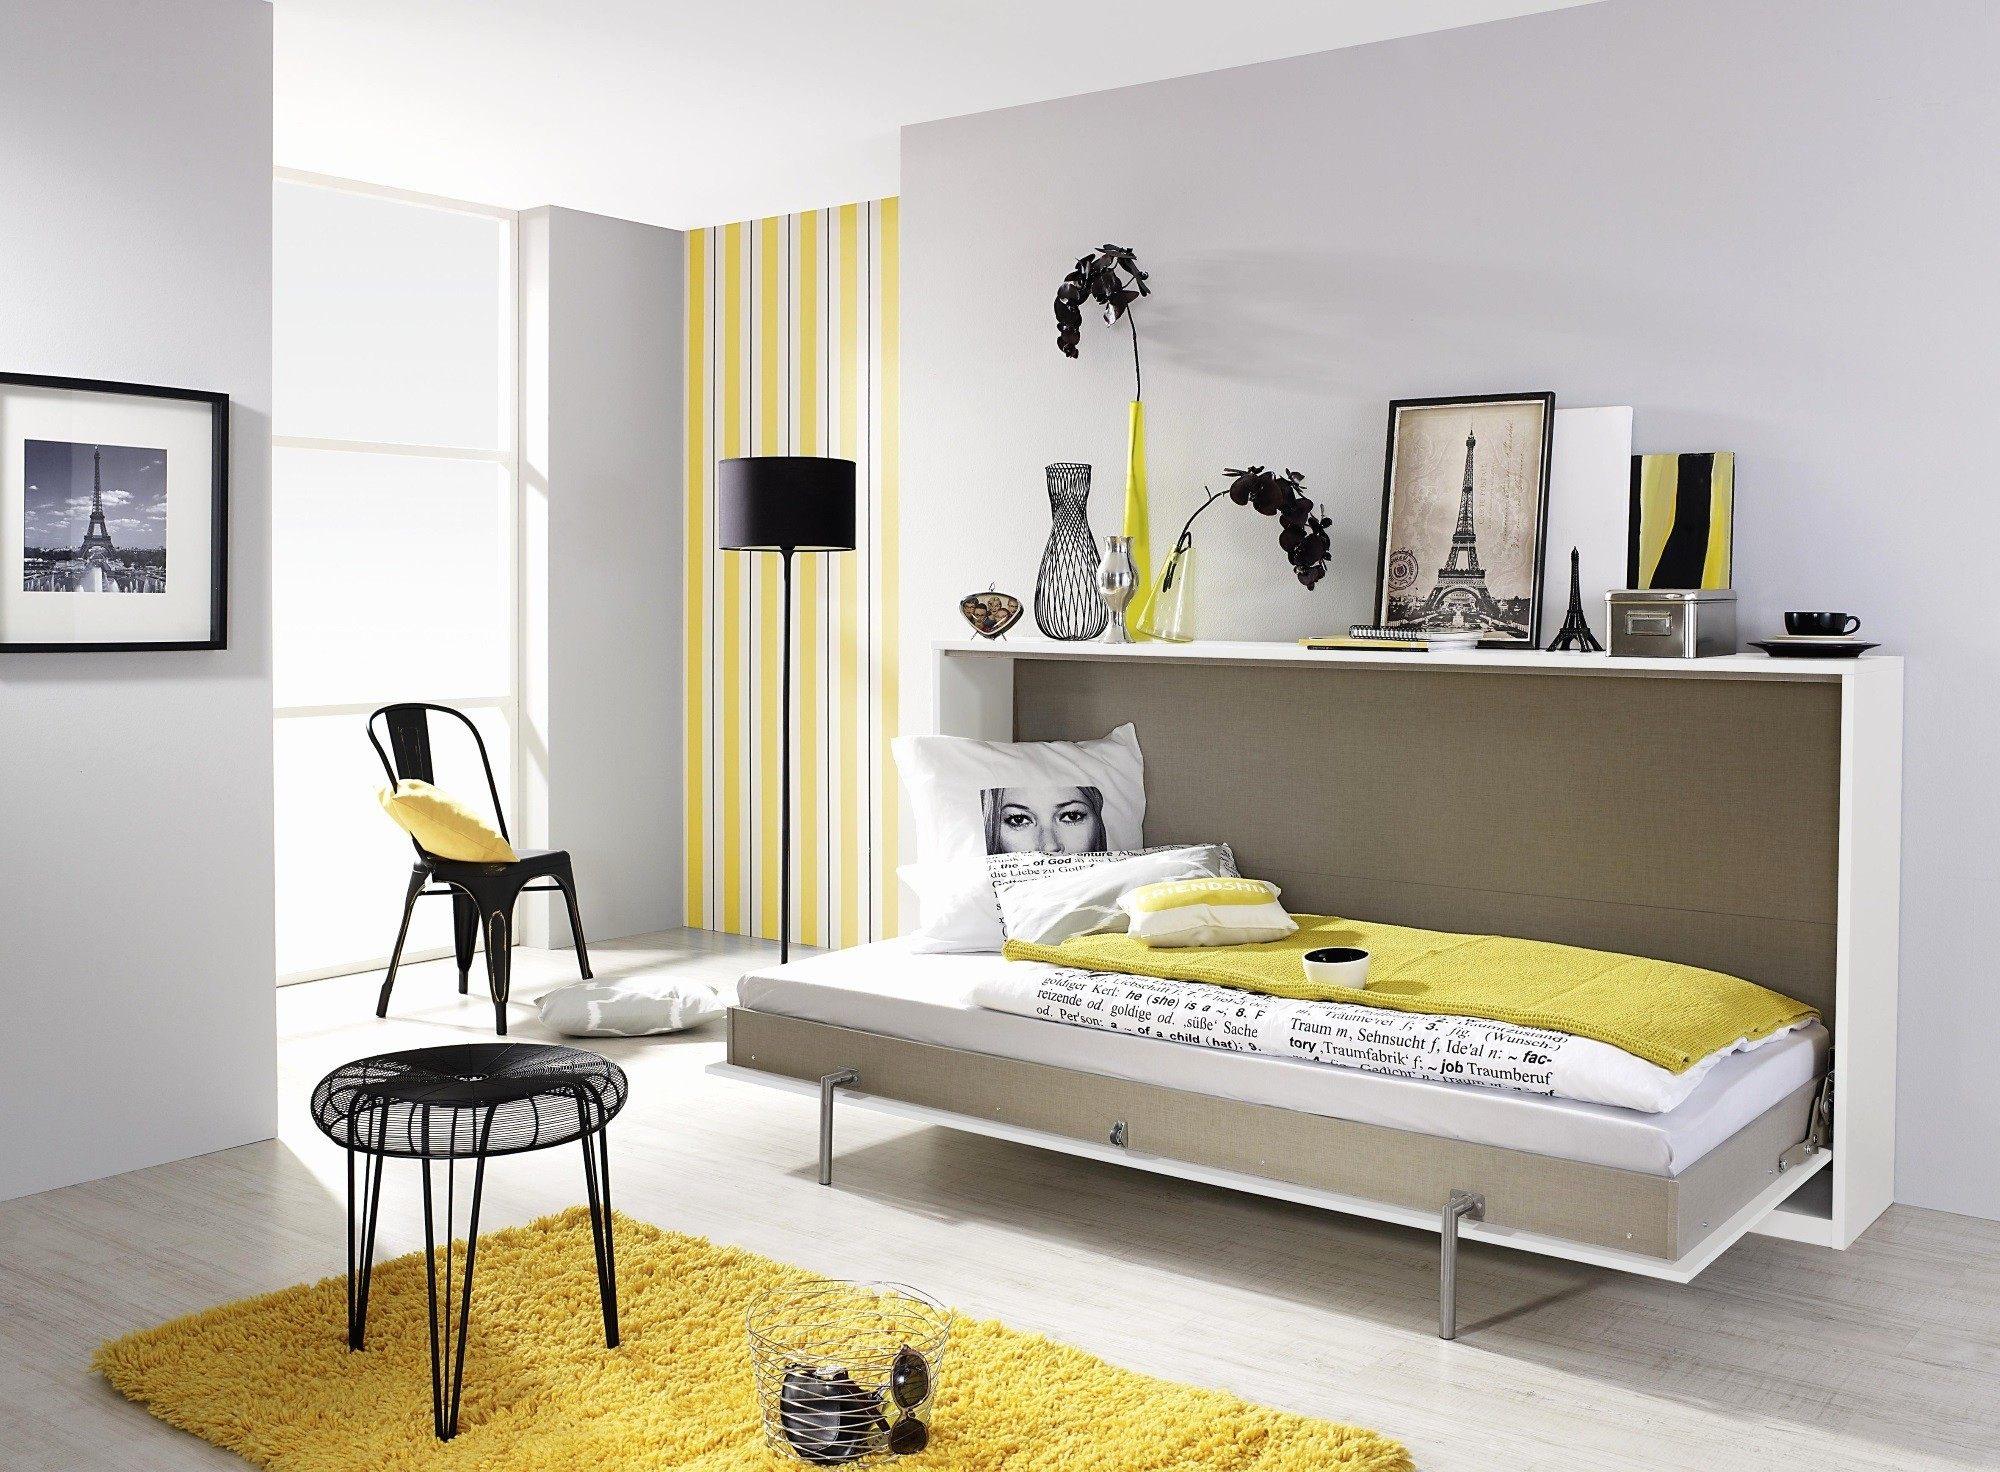 Lit Design Led 160×200 Le Luxe Beau Armoire Lit 160×200 Avec Lit Armoire 160—200 Awesome Banquette